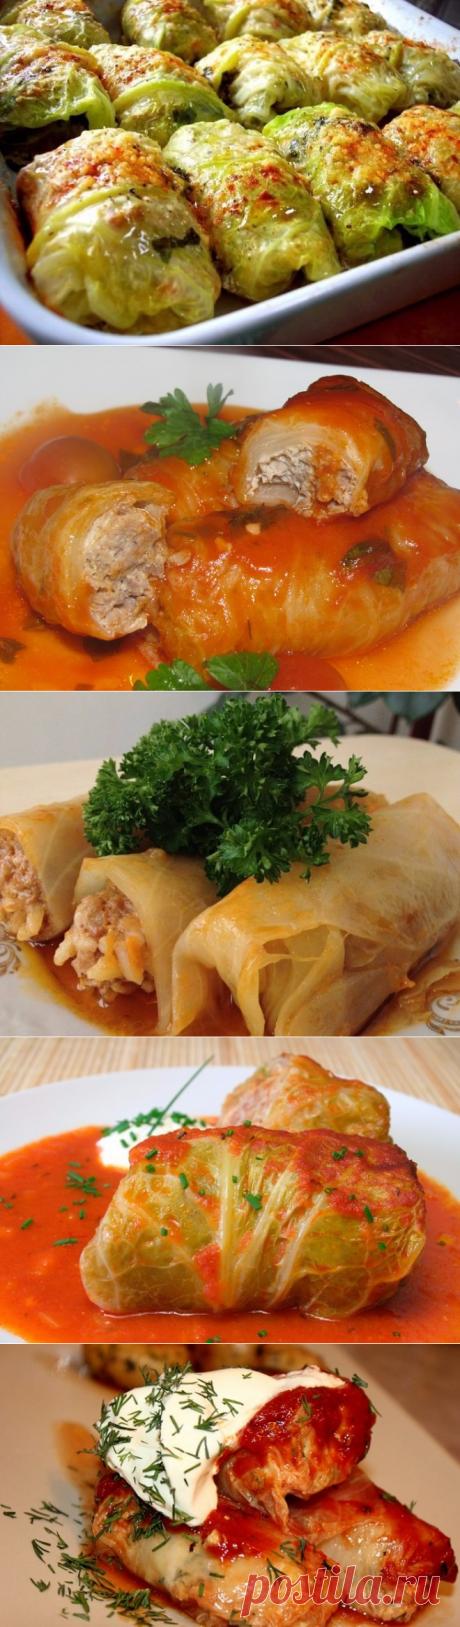 ¡El plato más sabroso de la col!